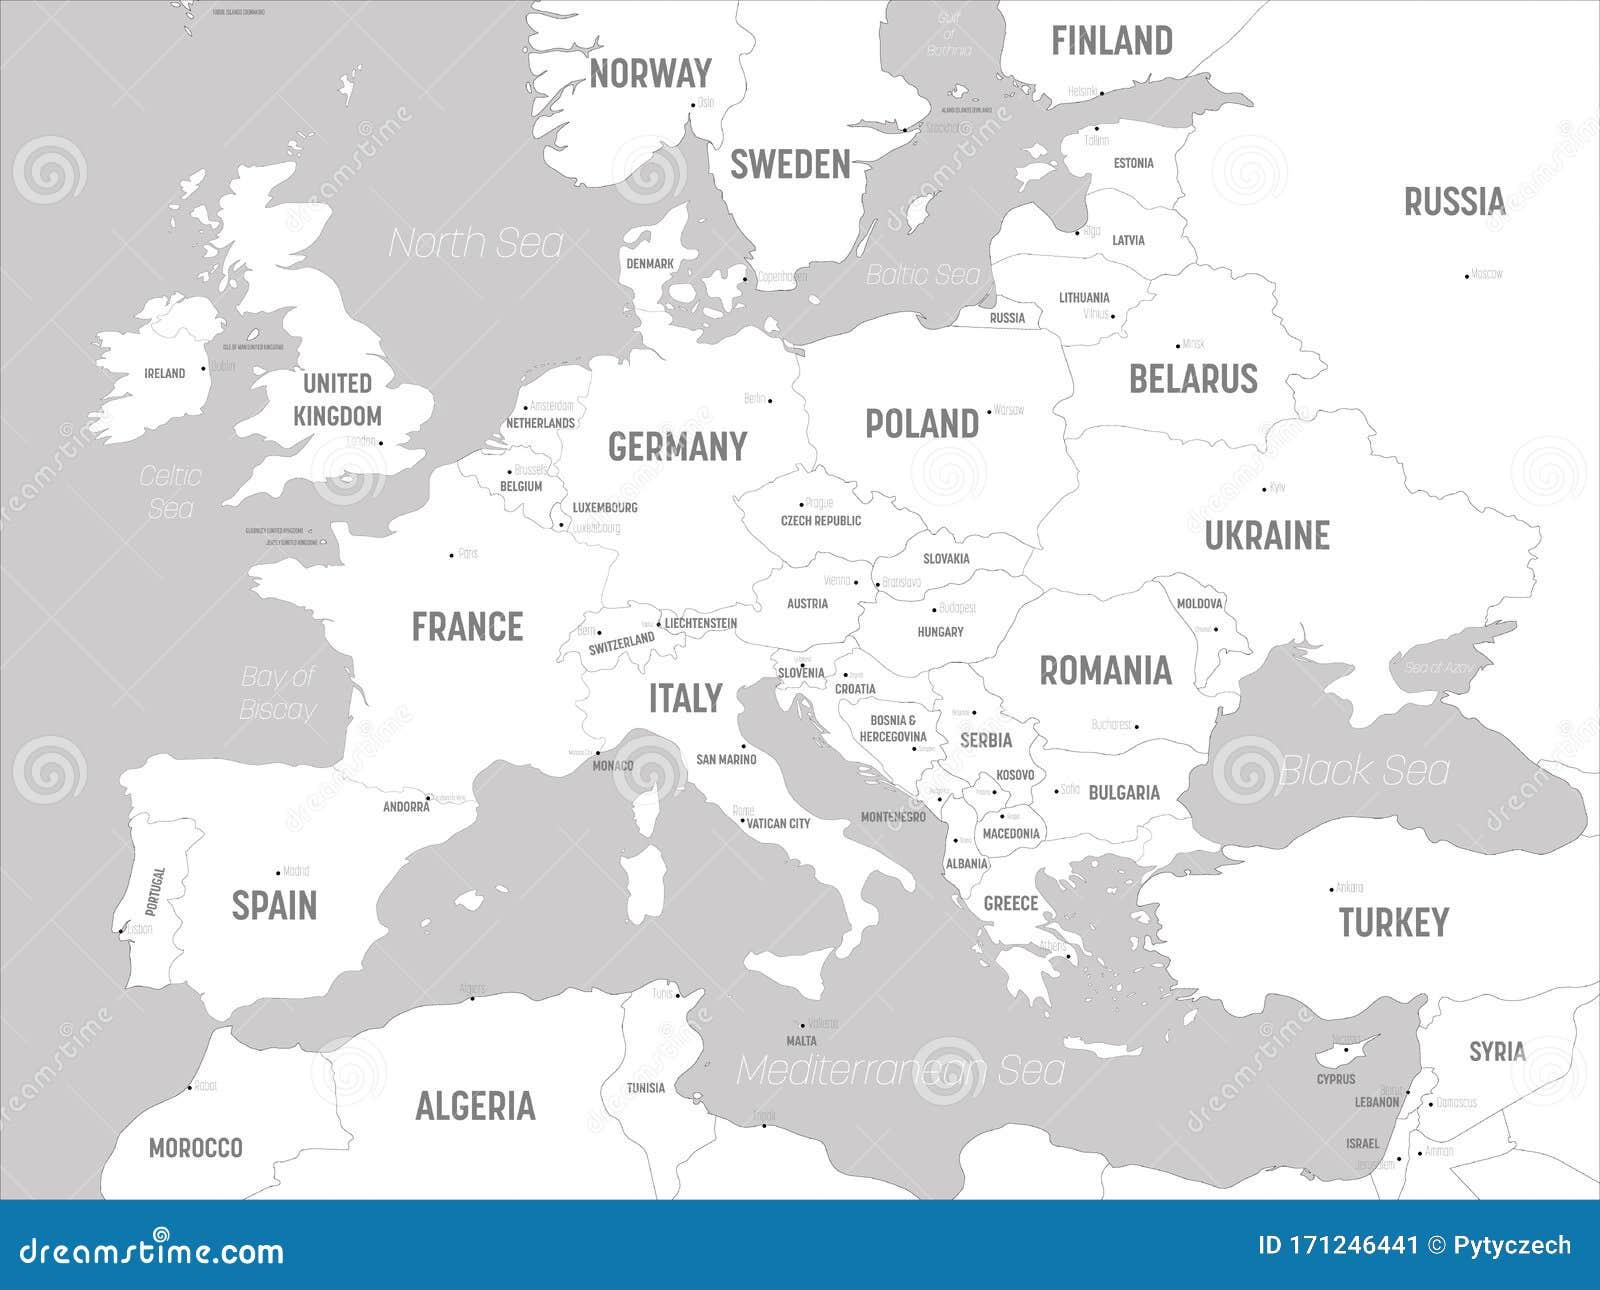 Cartina Con Capitali Europa.Mappa Europea Terre Bianche E Acque Grigie Mappa Politica Del Continente Europeo Con Paesi Capitali Oceani Illustrazione Vettoriale Illustrazione Di Isolato Geografico 171246441